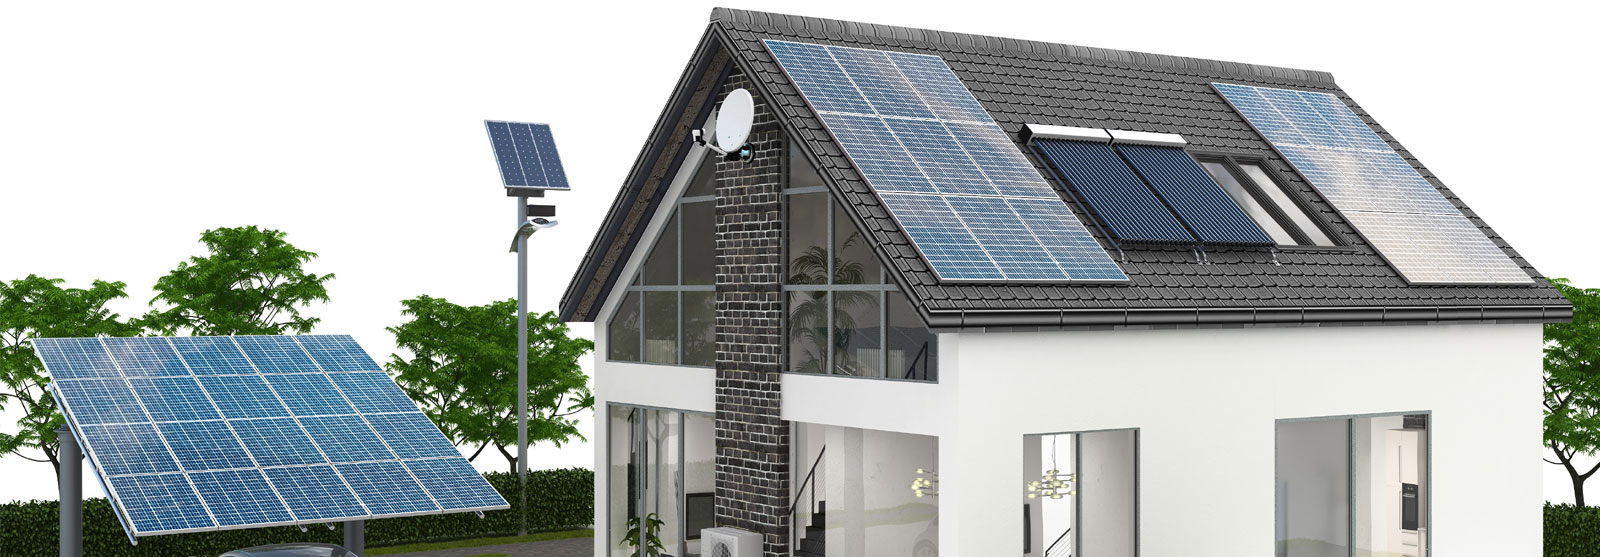 Solarprojekte von der 3D-Planung bis zur Montage